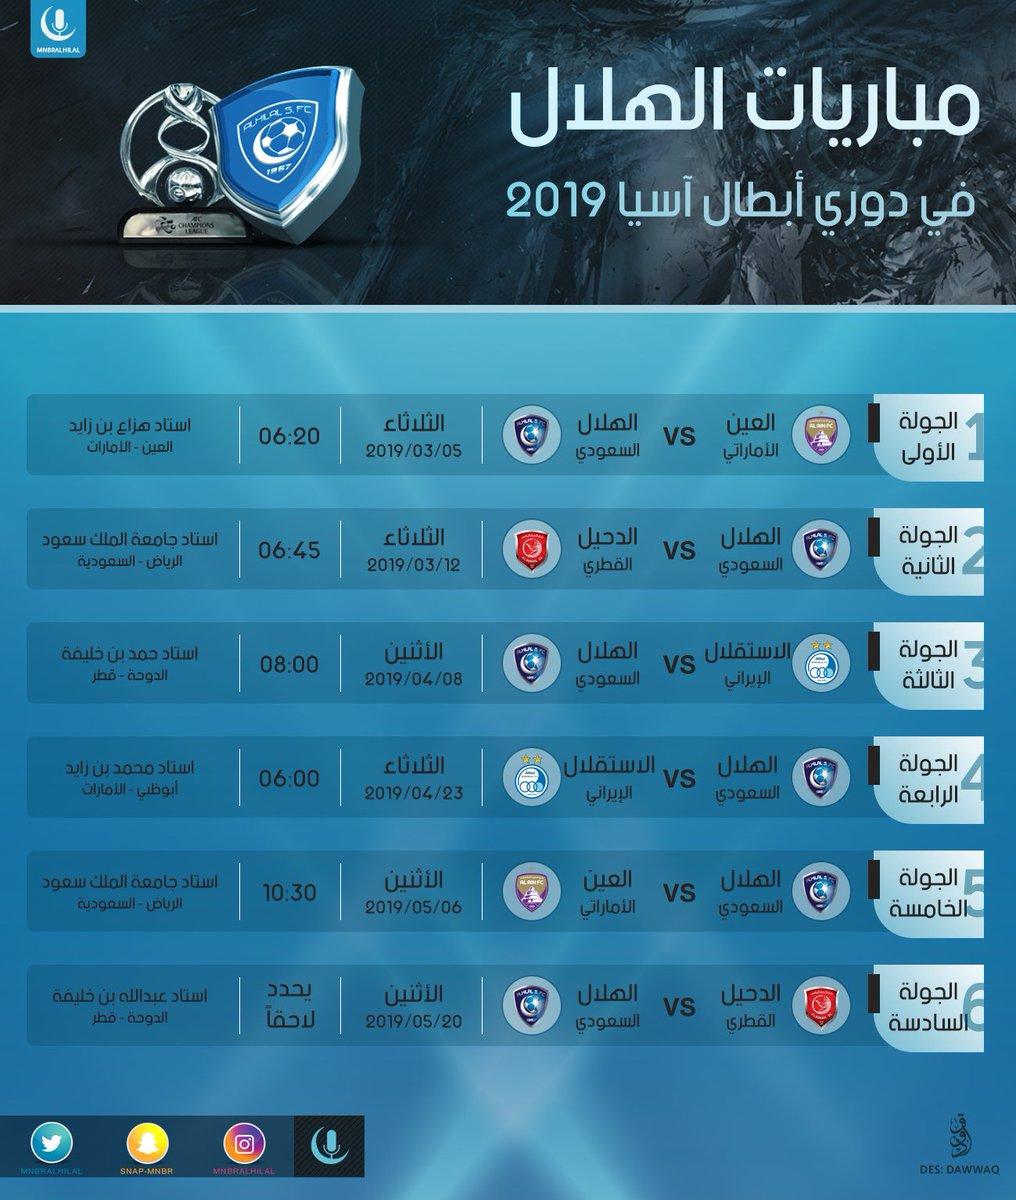 منبر الهلال On Twitter جدول مباريات في دوري أبطال آسيا